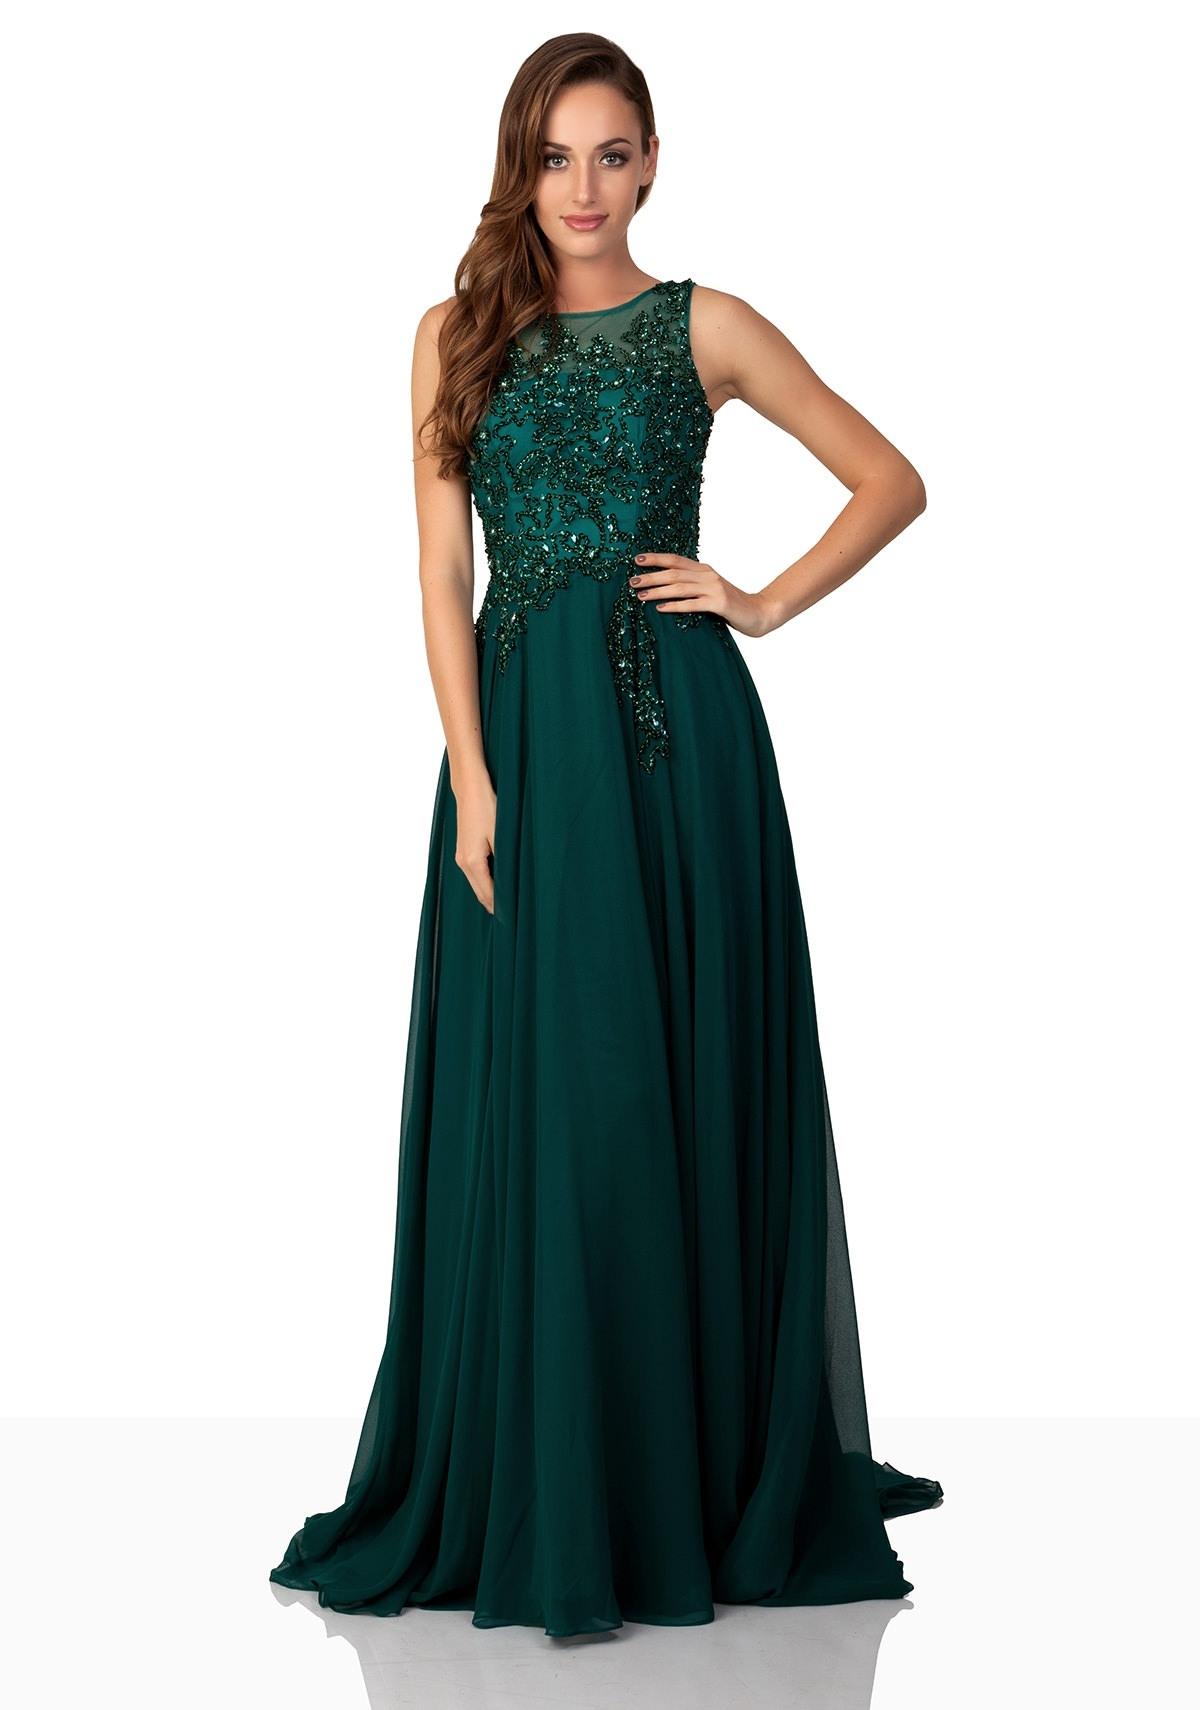 10 Perfekt Abendkleid Grün BoutiqueFormal Einzigartig Abendkleid Grün Bester Preis